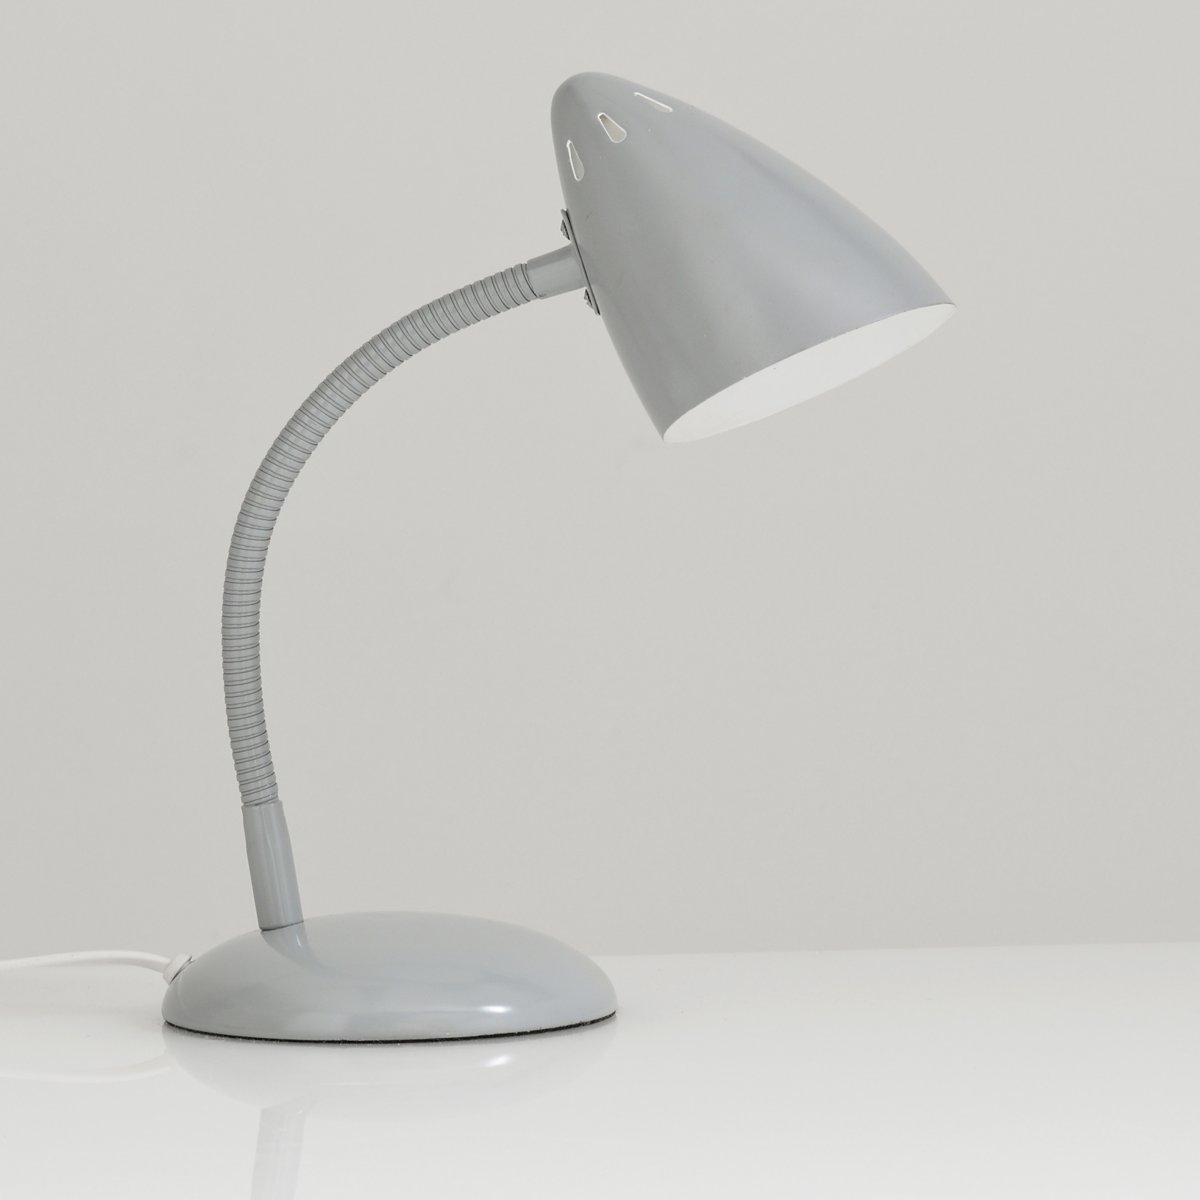 Лампа настольная из металла в винтажном стиле, RosellaЛампа настольная Rosella . Яркая симпатичная лампа в винтажном стиле, которая будет уместна у изголовья кровати или на письменном столе...Описание лампы, Rosella :Цветной абажур снаружи и белый внутри Гибкая ножка из металла Патрон E14 для флюокомпактной лампочки макс 8W (не входит в комплект)  Этот светильник совместим с лампочками    энергетического класса   : AХарактеристики светильника , Rosella  :Абажур и гибкая ножка из металла с матовым эпоксидным покрытием Размер светильника , Rosella  : 31x15x28 см (в обычном положении)Размеры и вес упаковки : 24 x 20 x 29 см  1,5 кг<br><br>Цвет: серый